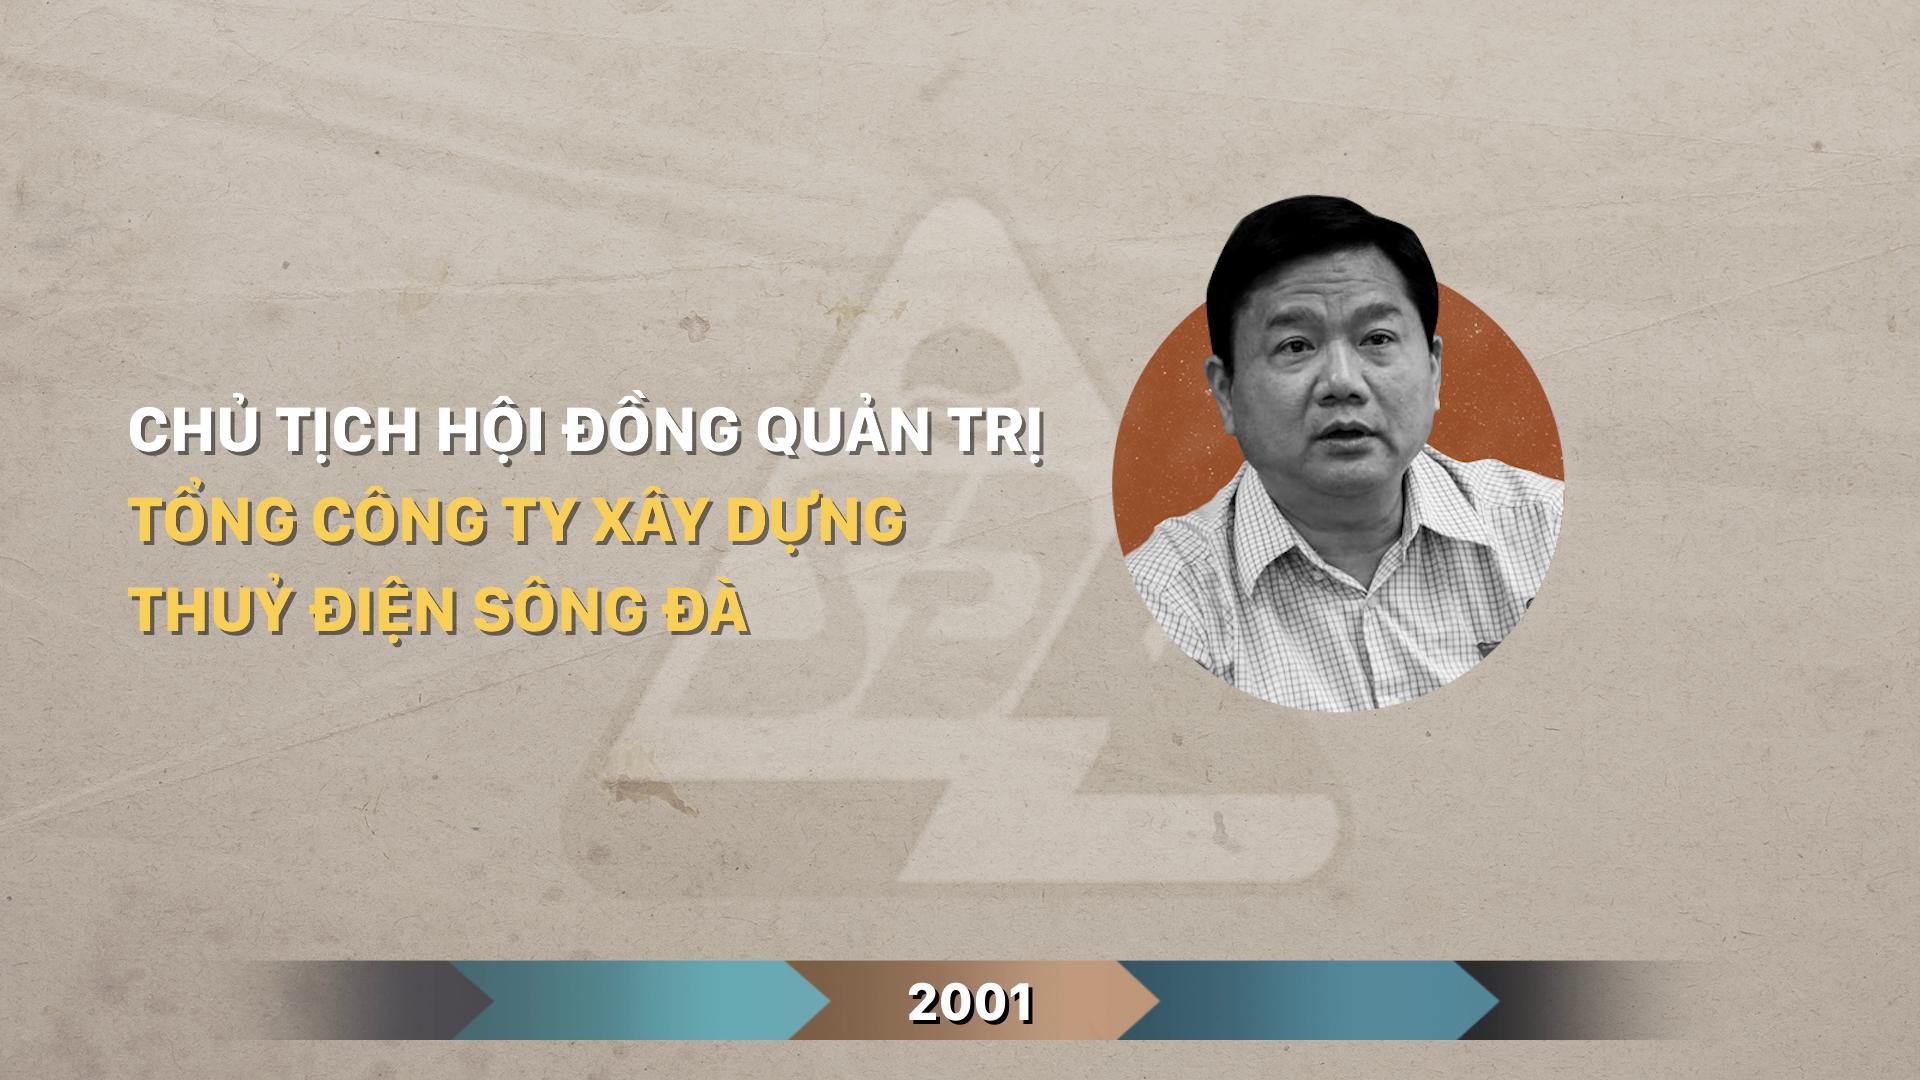 Điểm nhấn cuộc đời, sự nghiệp của Ông Đinh La Thăng